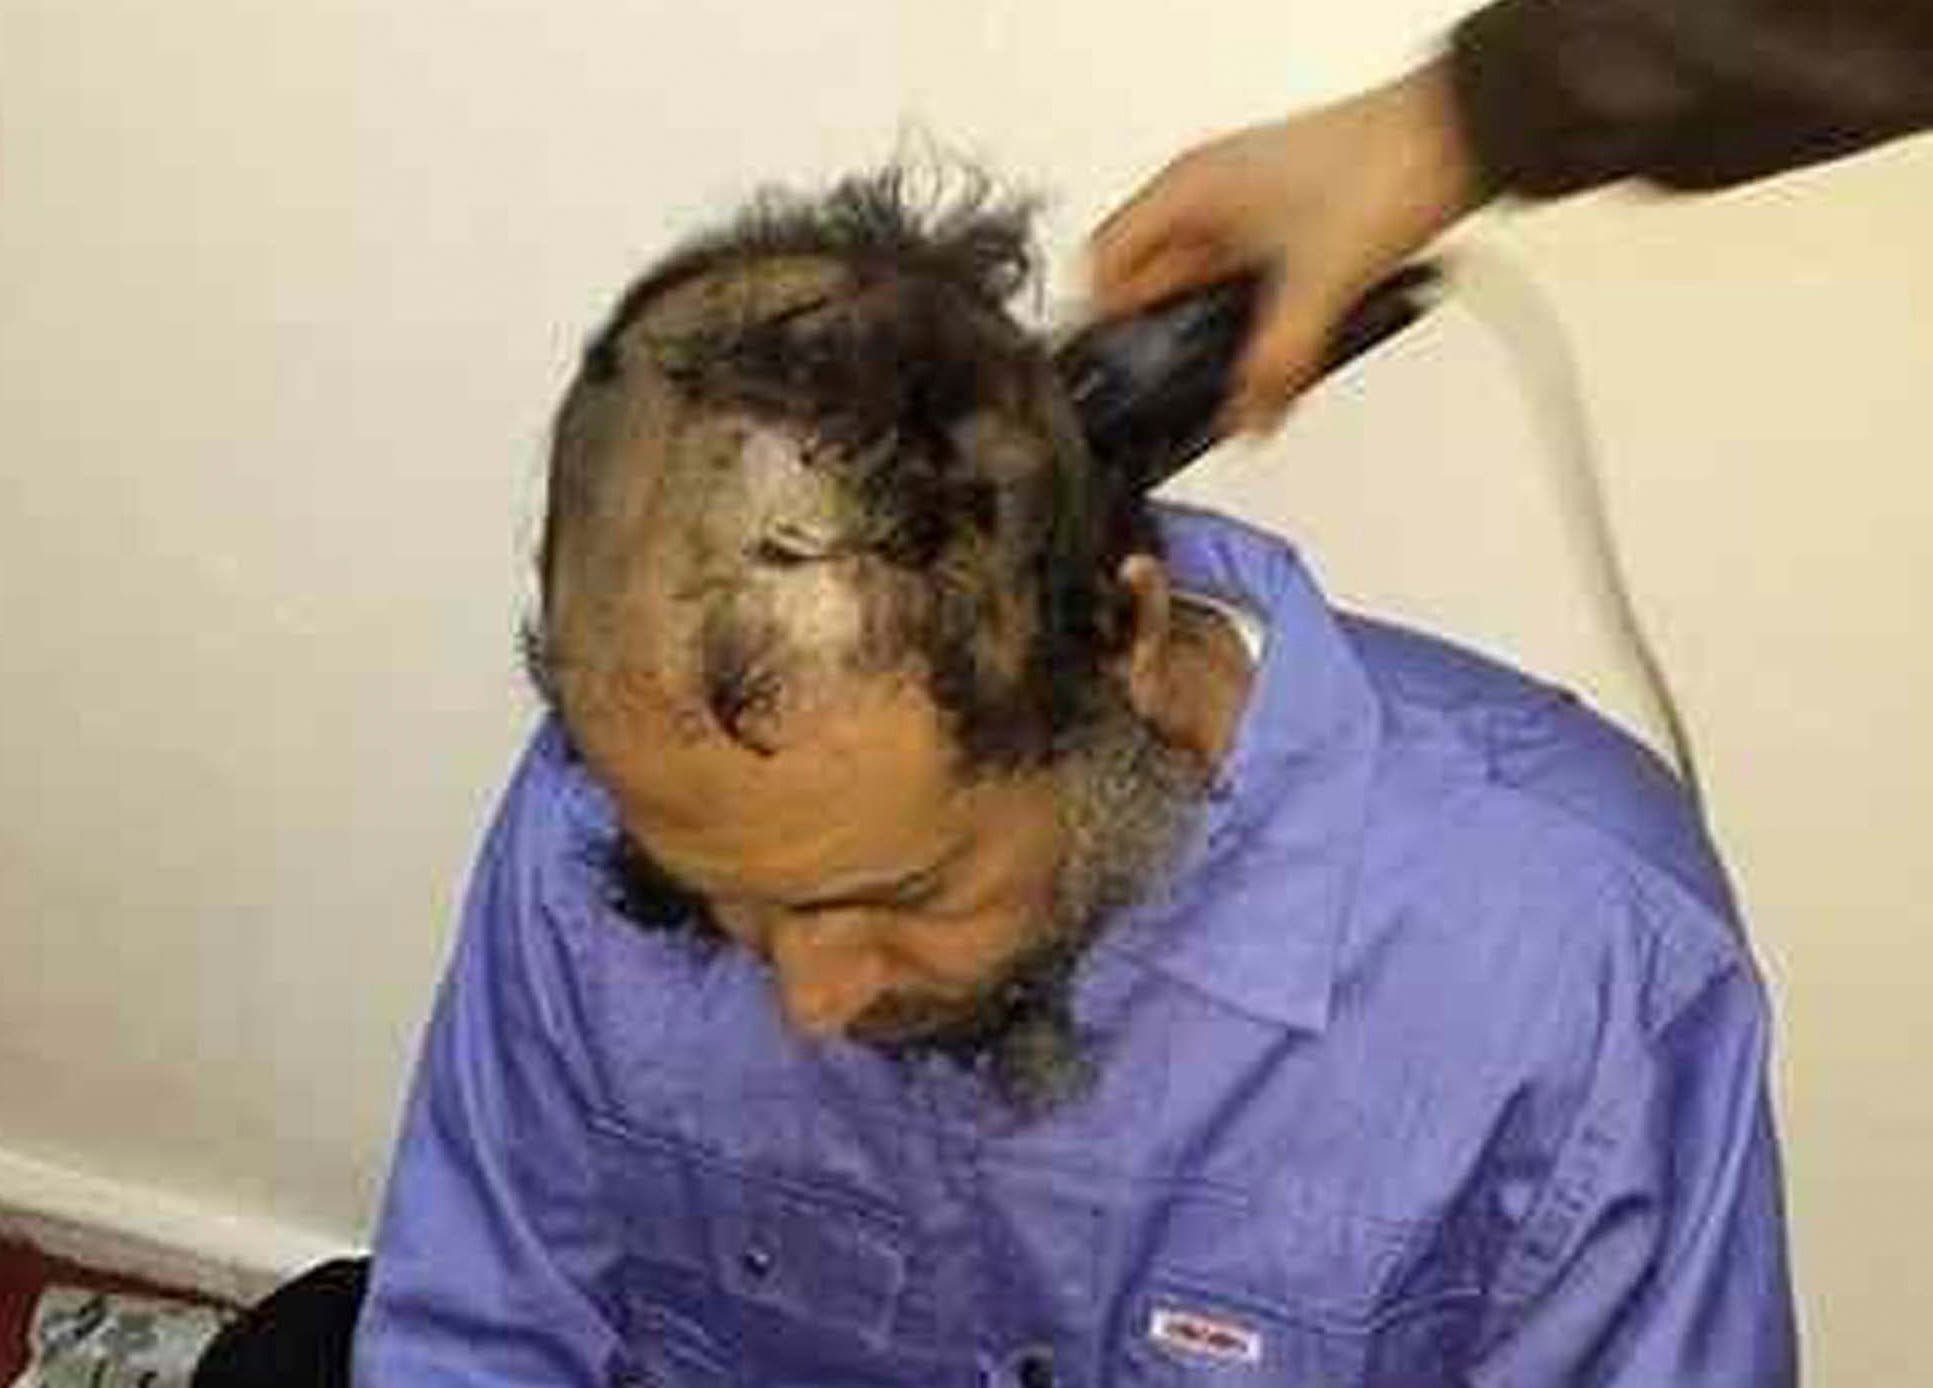 حلق رأس الساعدي القذافي في سجن بطرابلس بعد تسلمه من النيجر في 2014